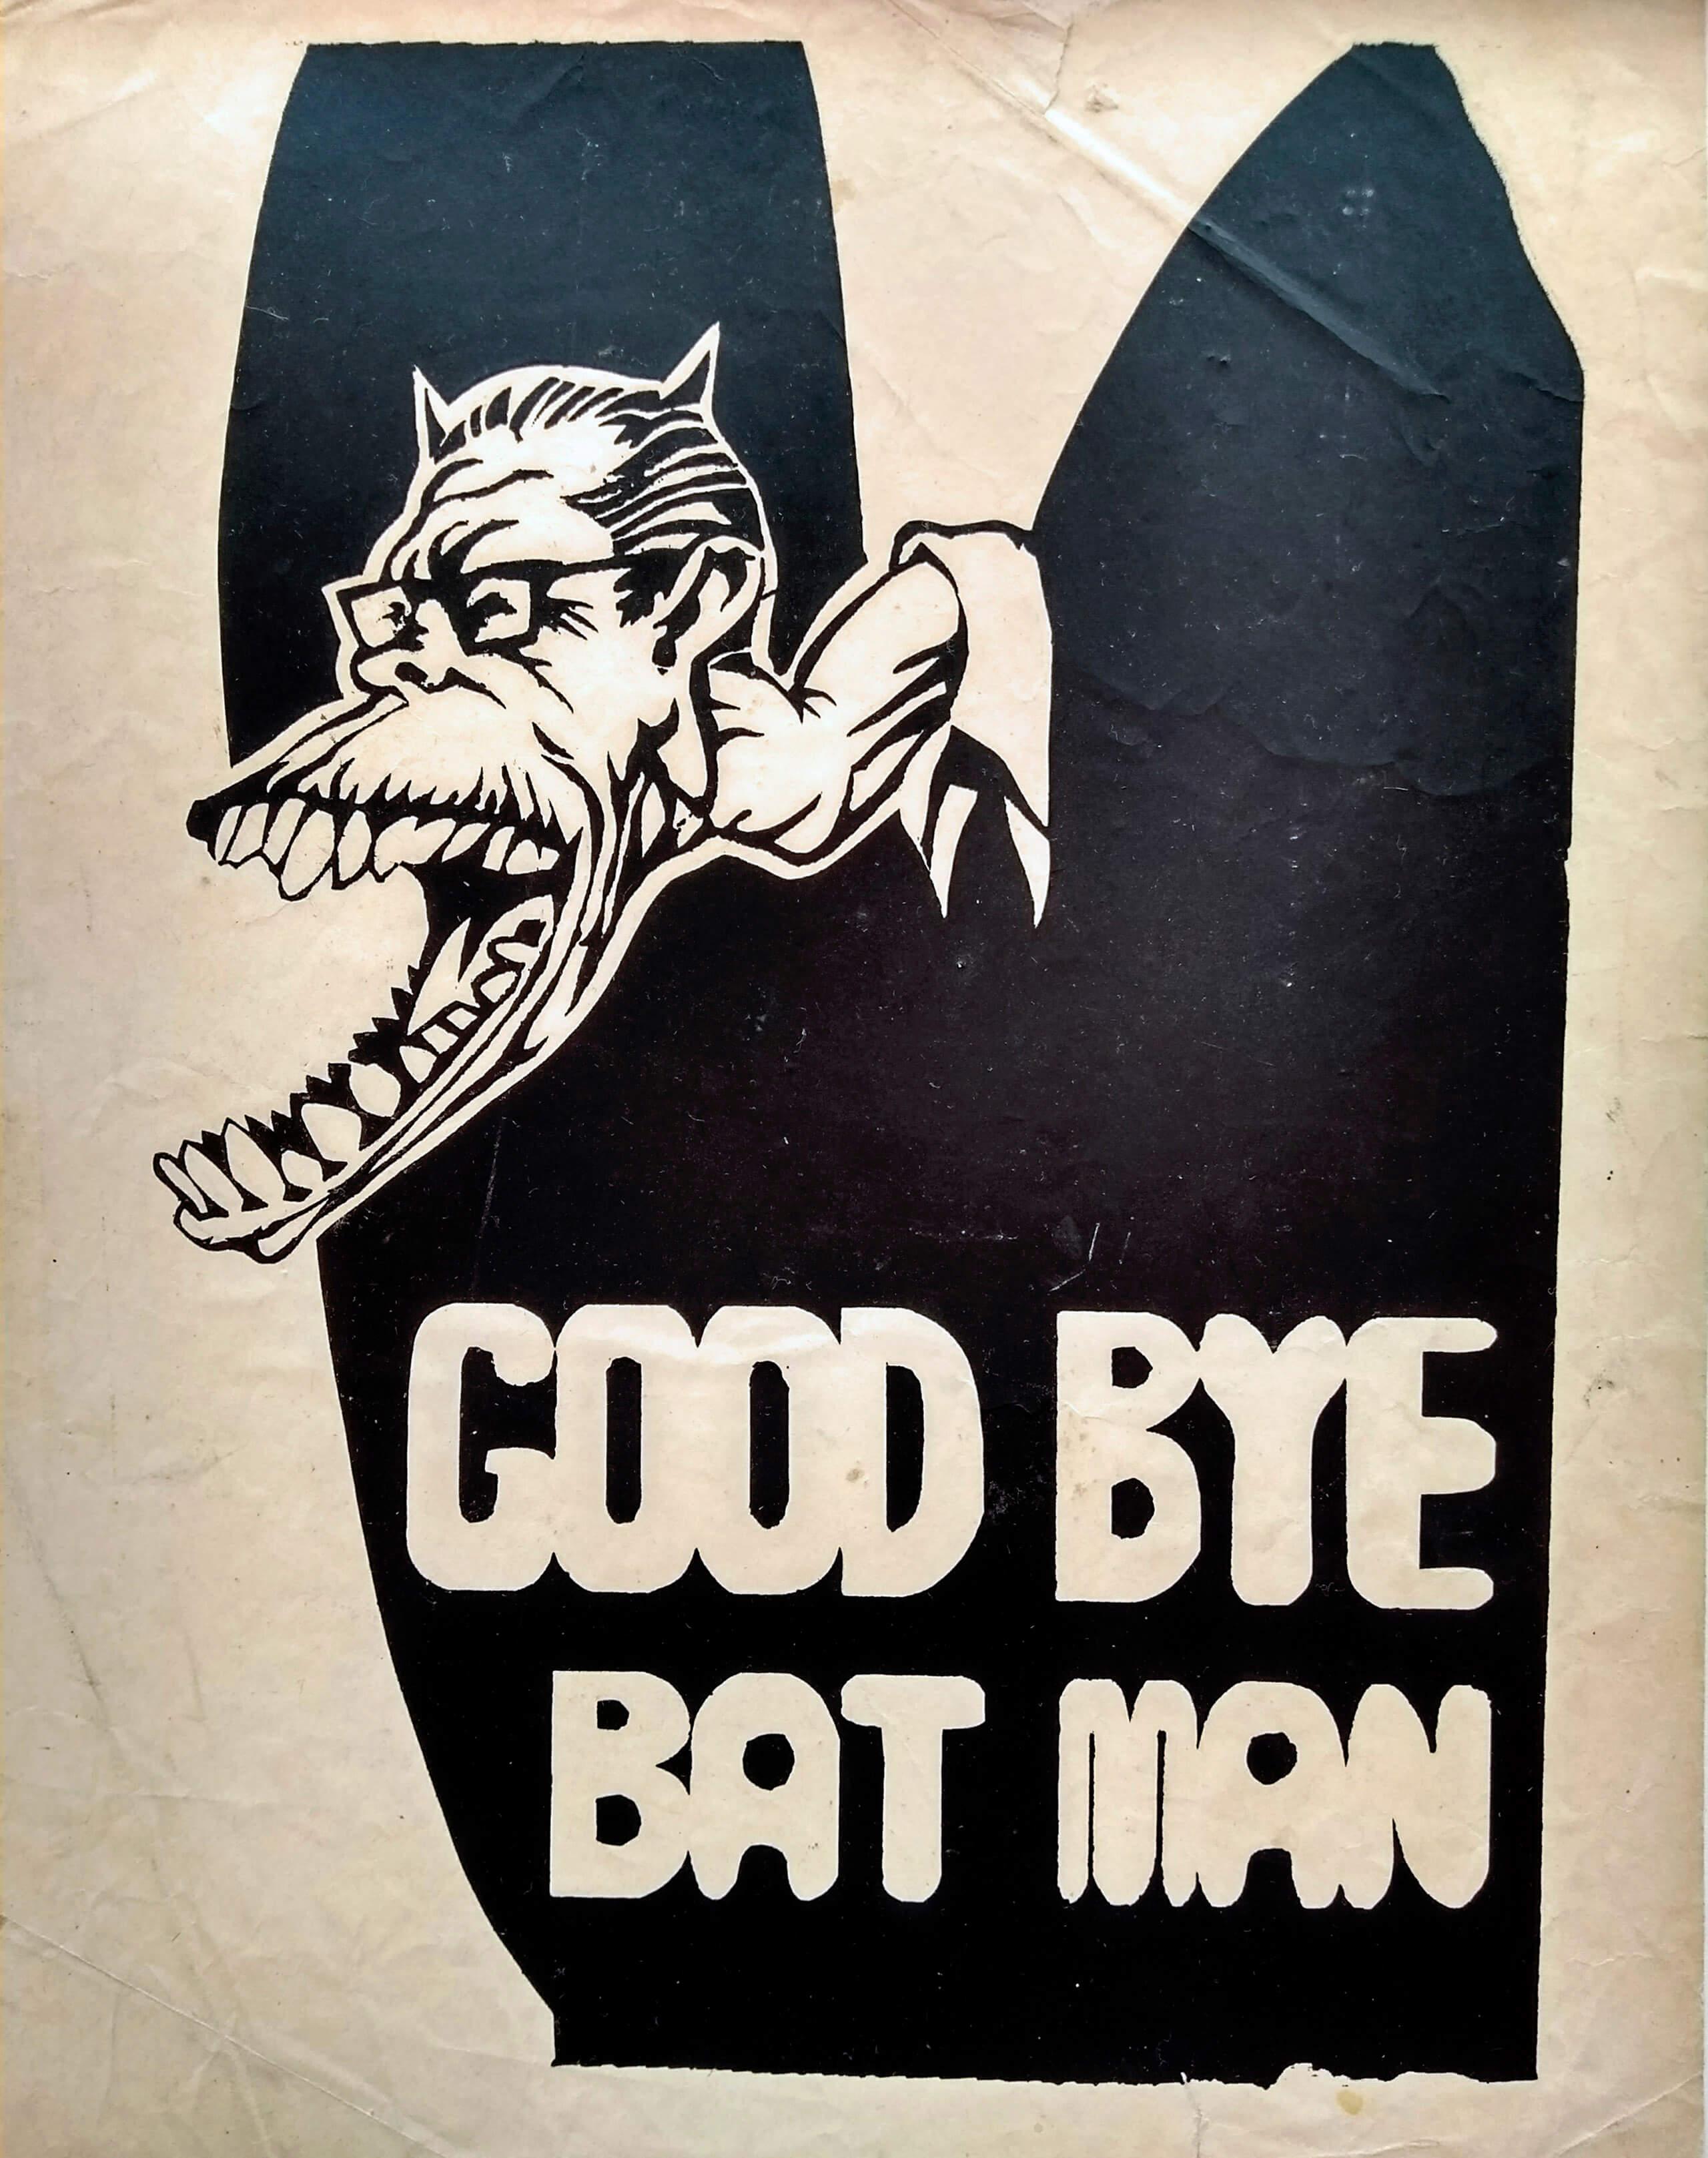 Good bye Bat Man   La demanda inasumible. Imaginación social y autogestión gráfica en México, 1968-2018   Museo Amparo, Puebla